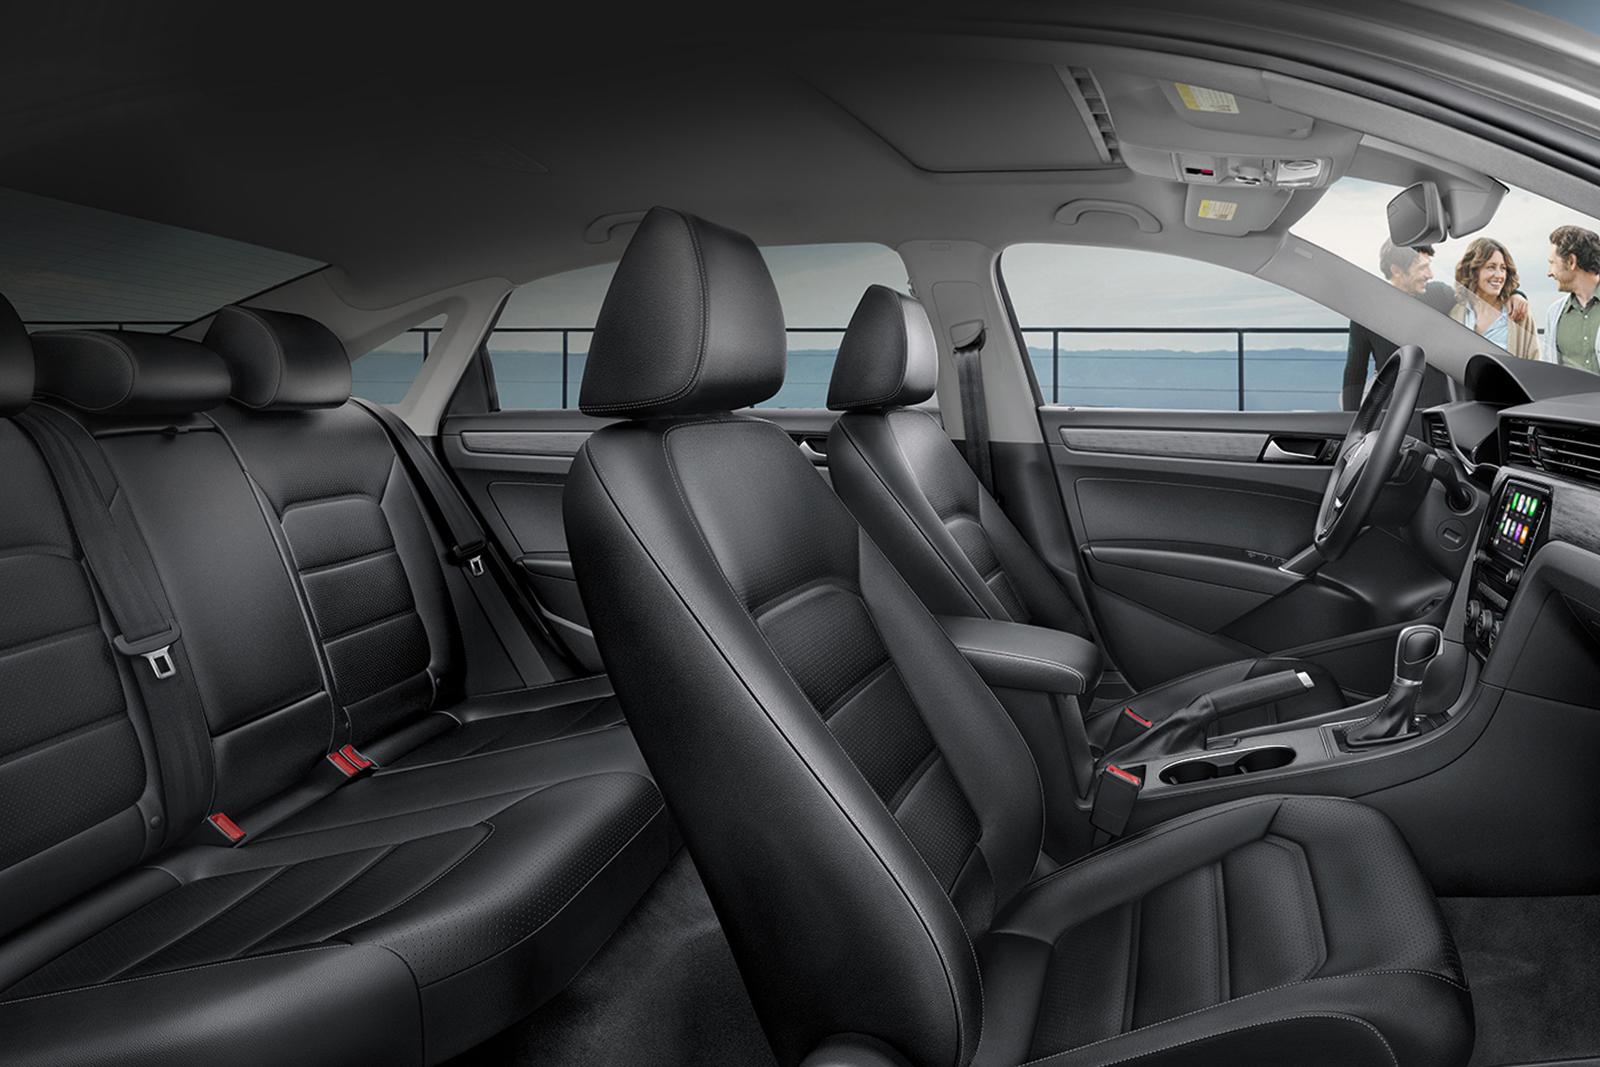 2020 Volkswagen Passat Cabin